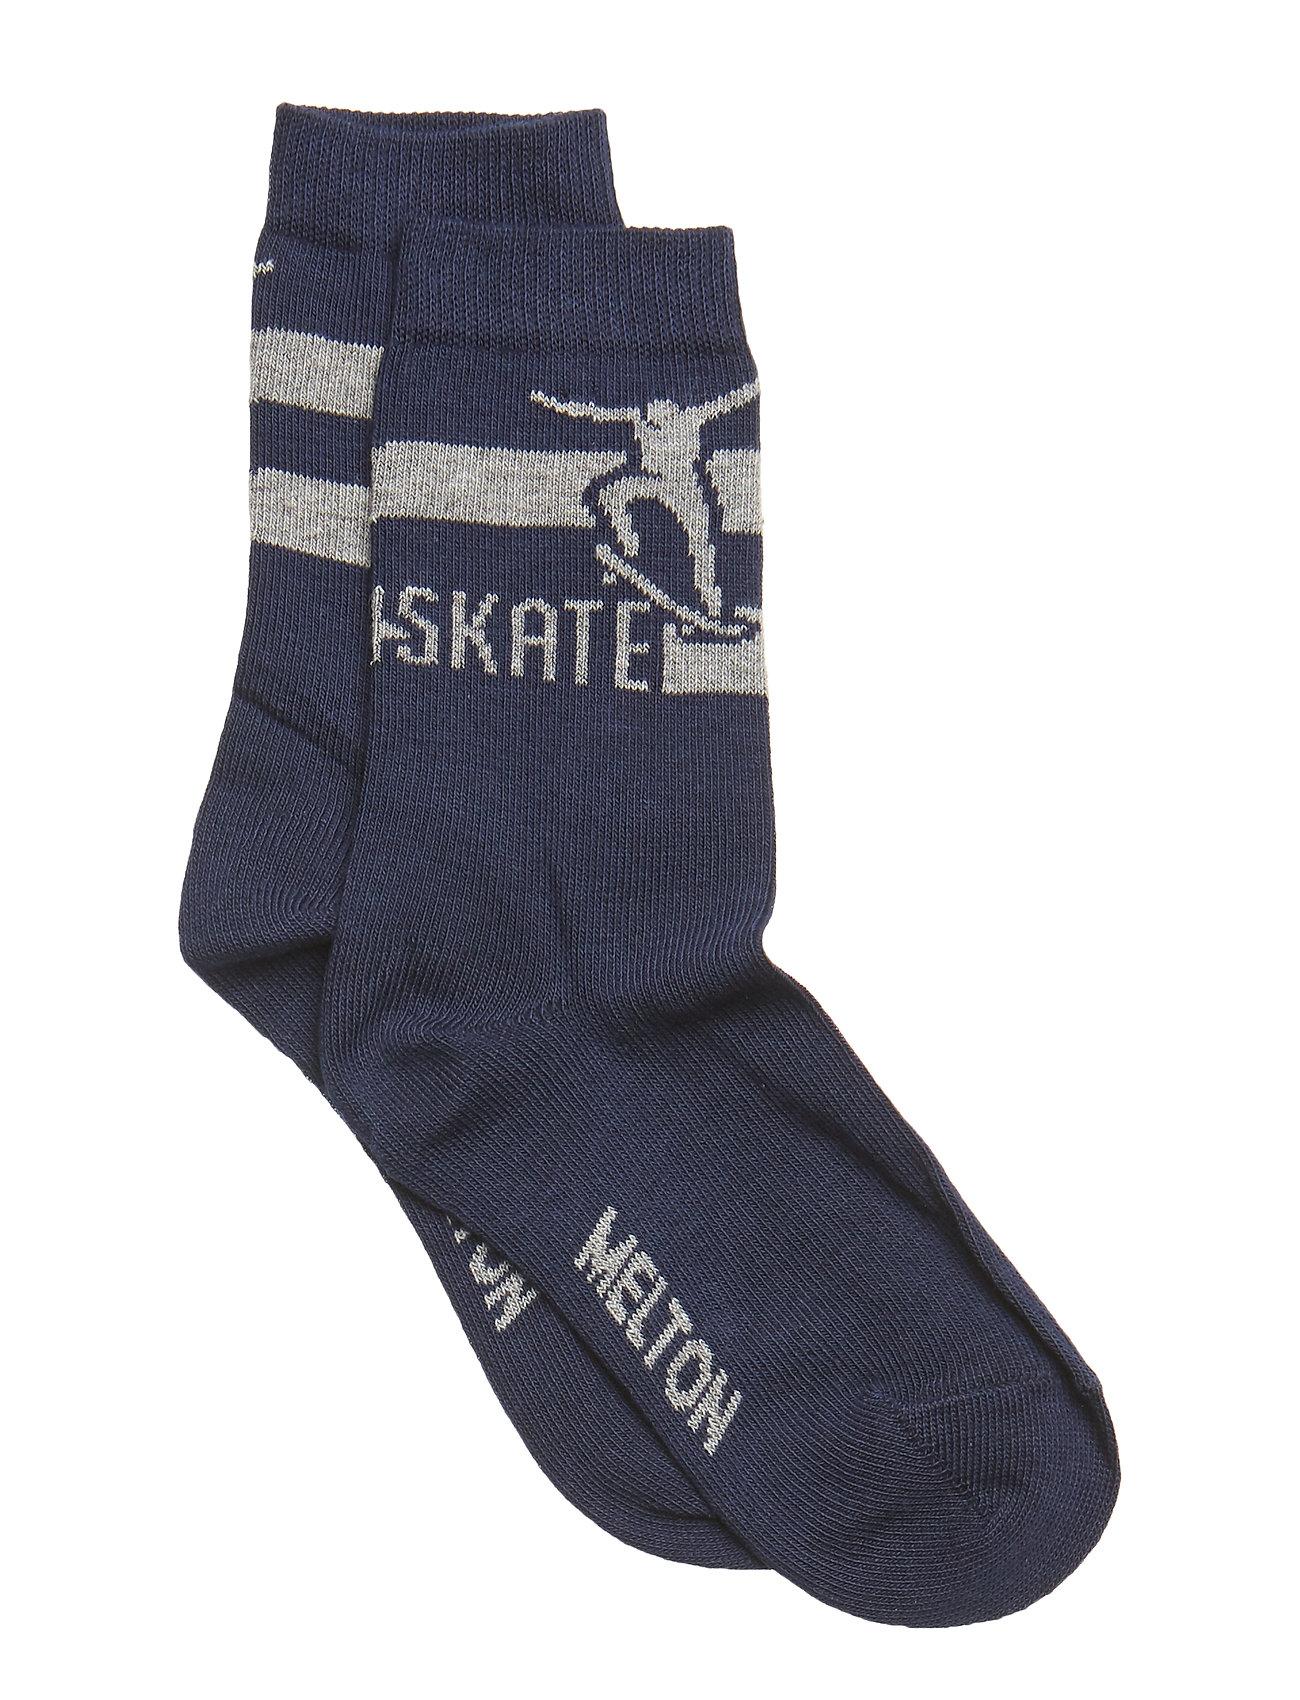 Melton Sock - Skate - MARINE